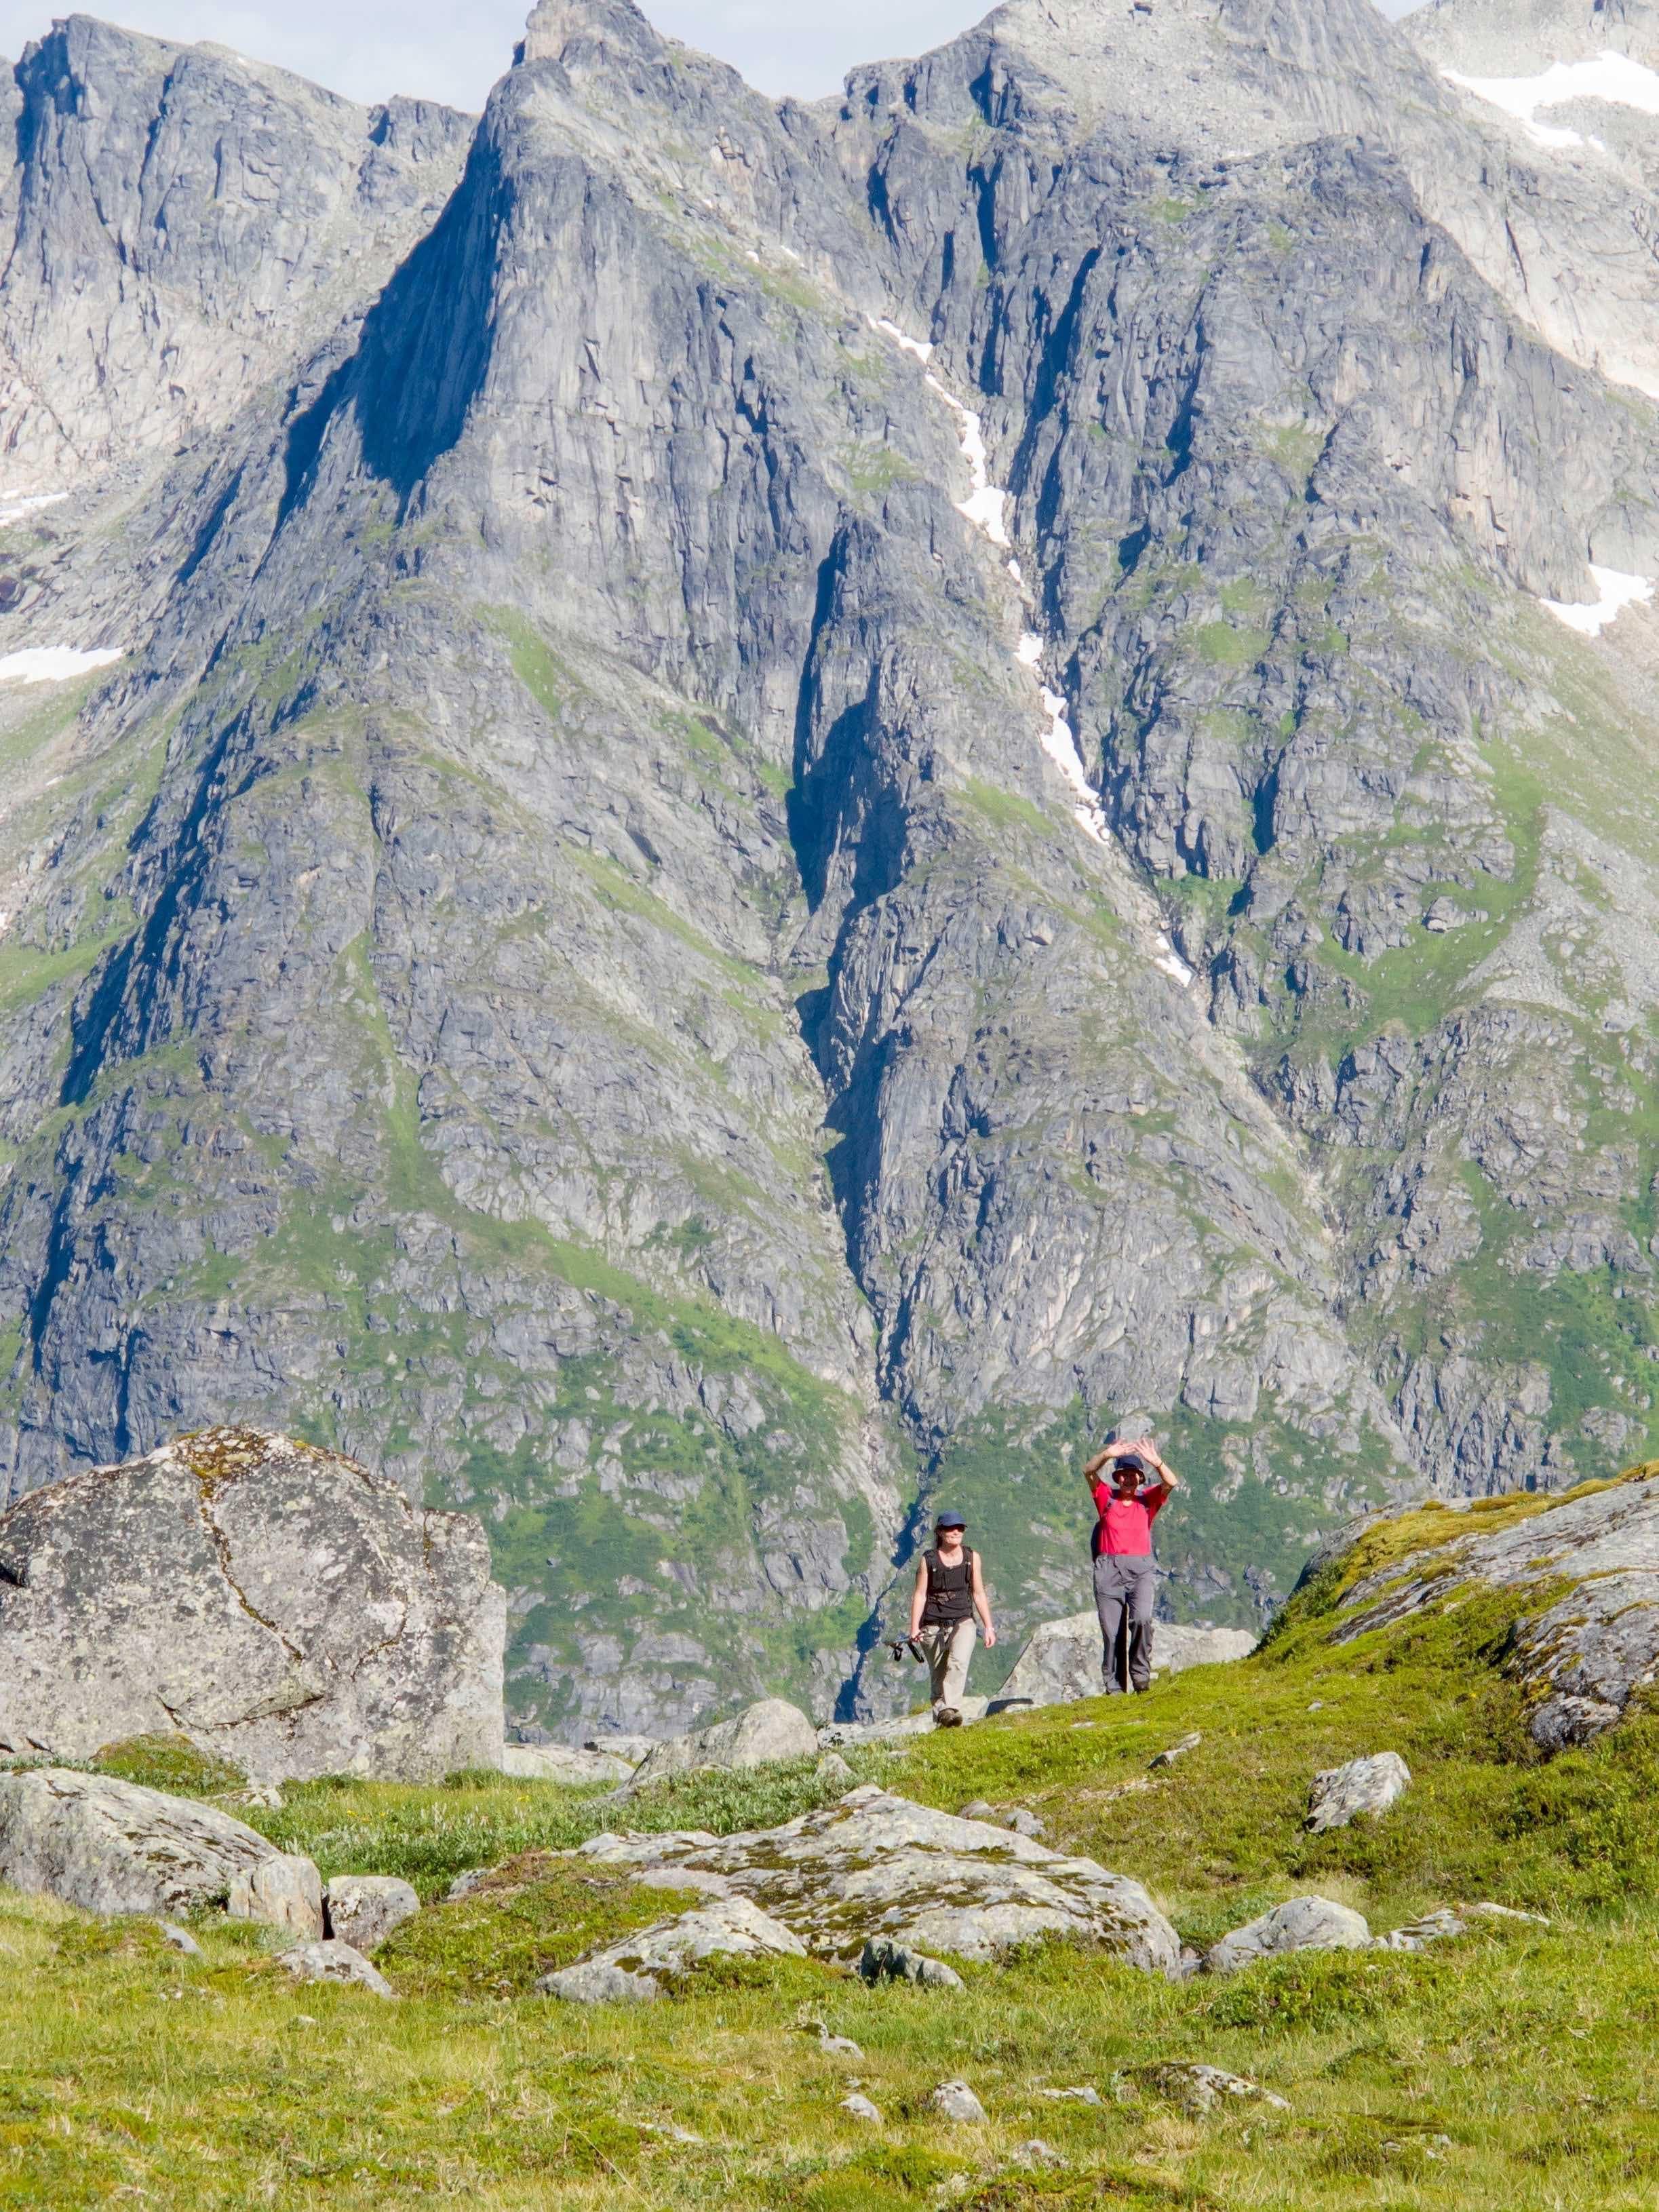 Jean Pierre Gaspard,  © 69 Nord Sommarøy outdoor Center, Seks-dagers tur med Seilkajakk og vandring utenfor allfarvei – 69 Nord Sommarøy Outdoor Center